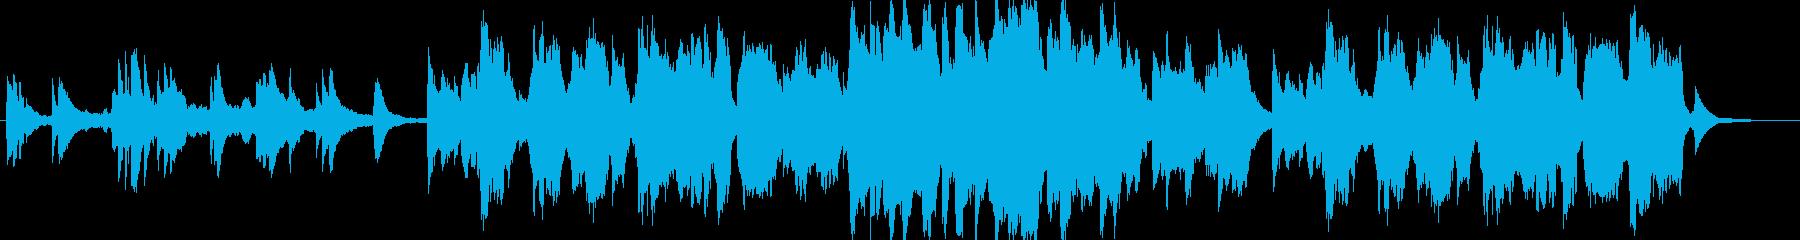 ピアノとフルート主体の優しいヒーリングaの再生済みの波形